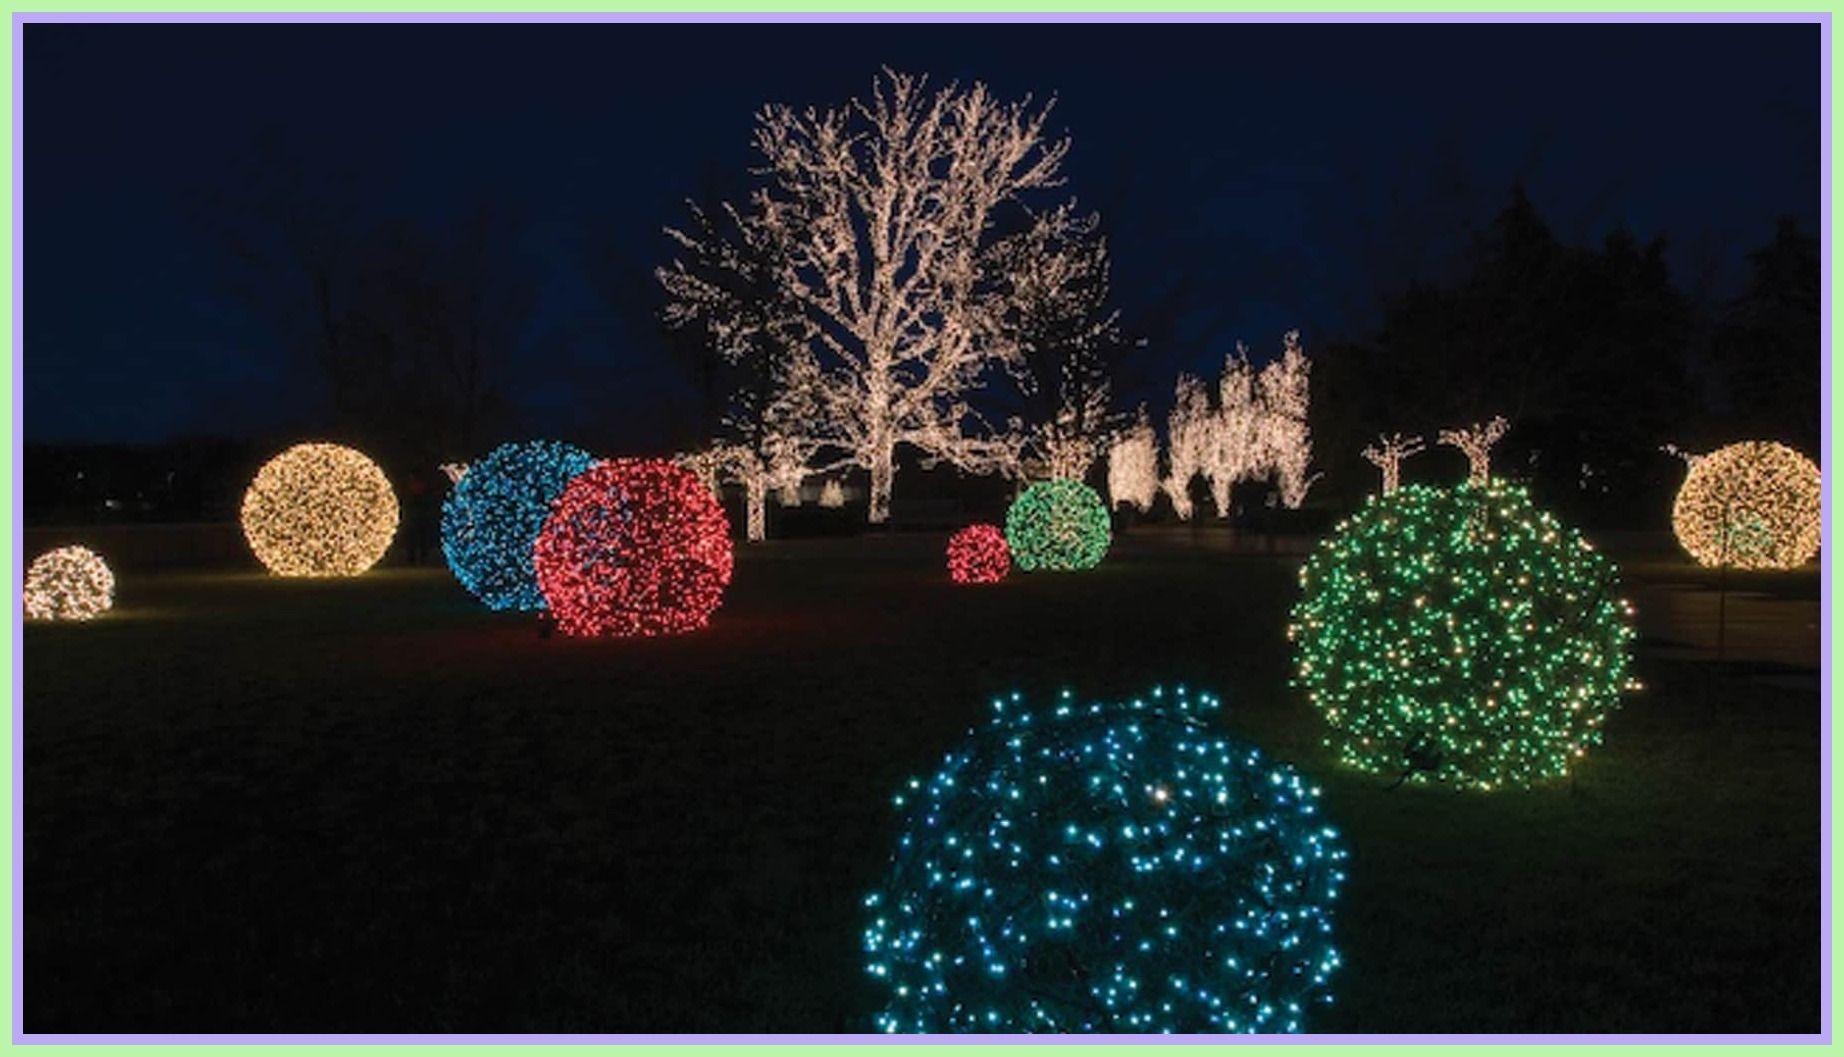 64 Reference Of Christmas Light Balls Greensboro Nc In 2020 Christmas Lights Outdoor Christmas Lights Diy Christmas Lights